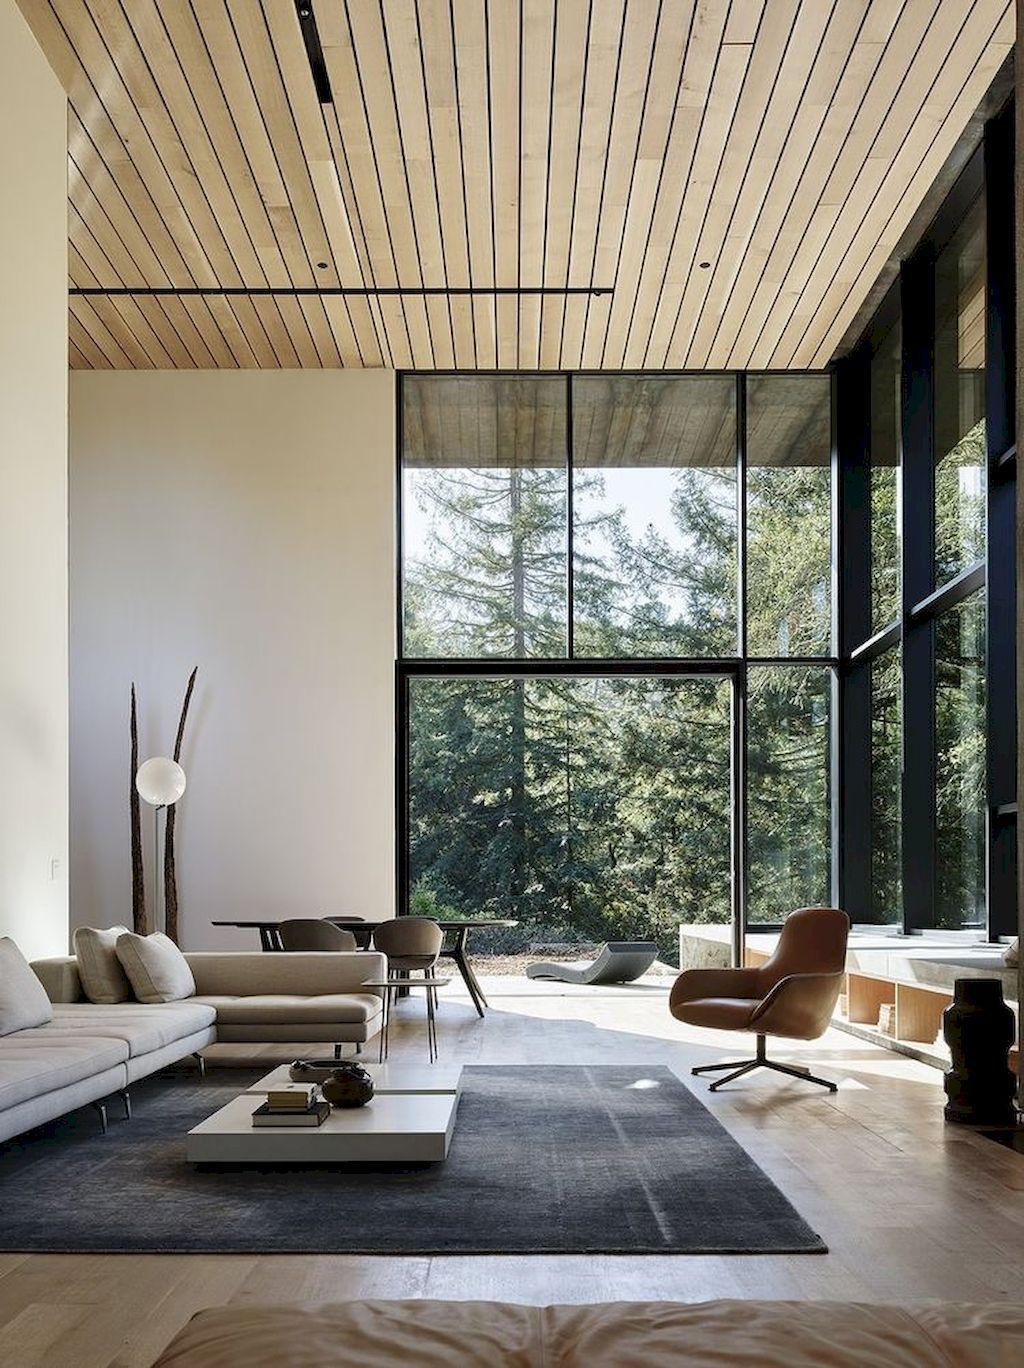 80 Luxury Interior Design Ideas That